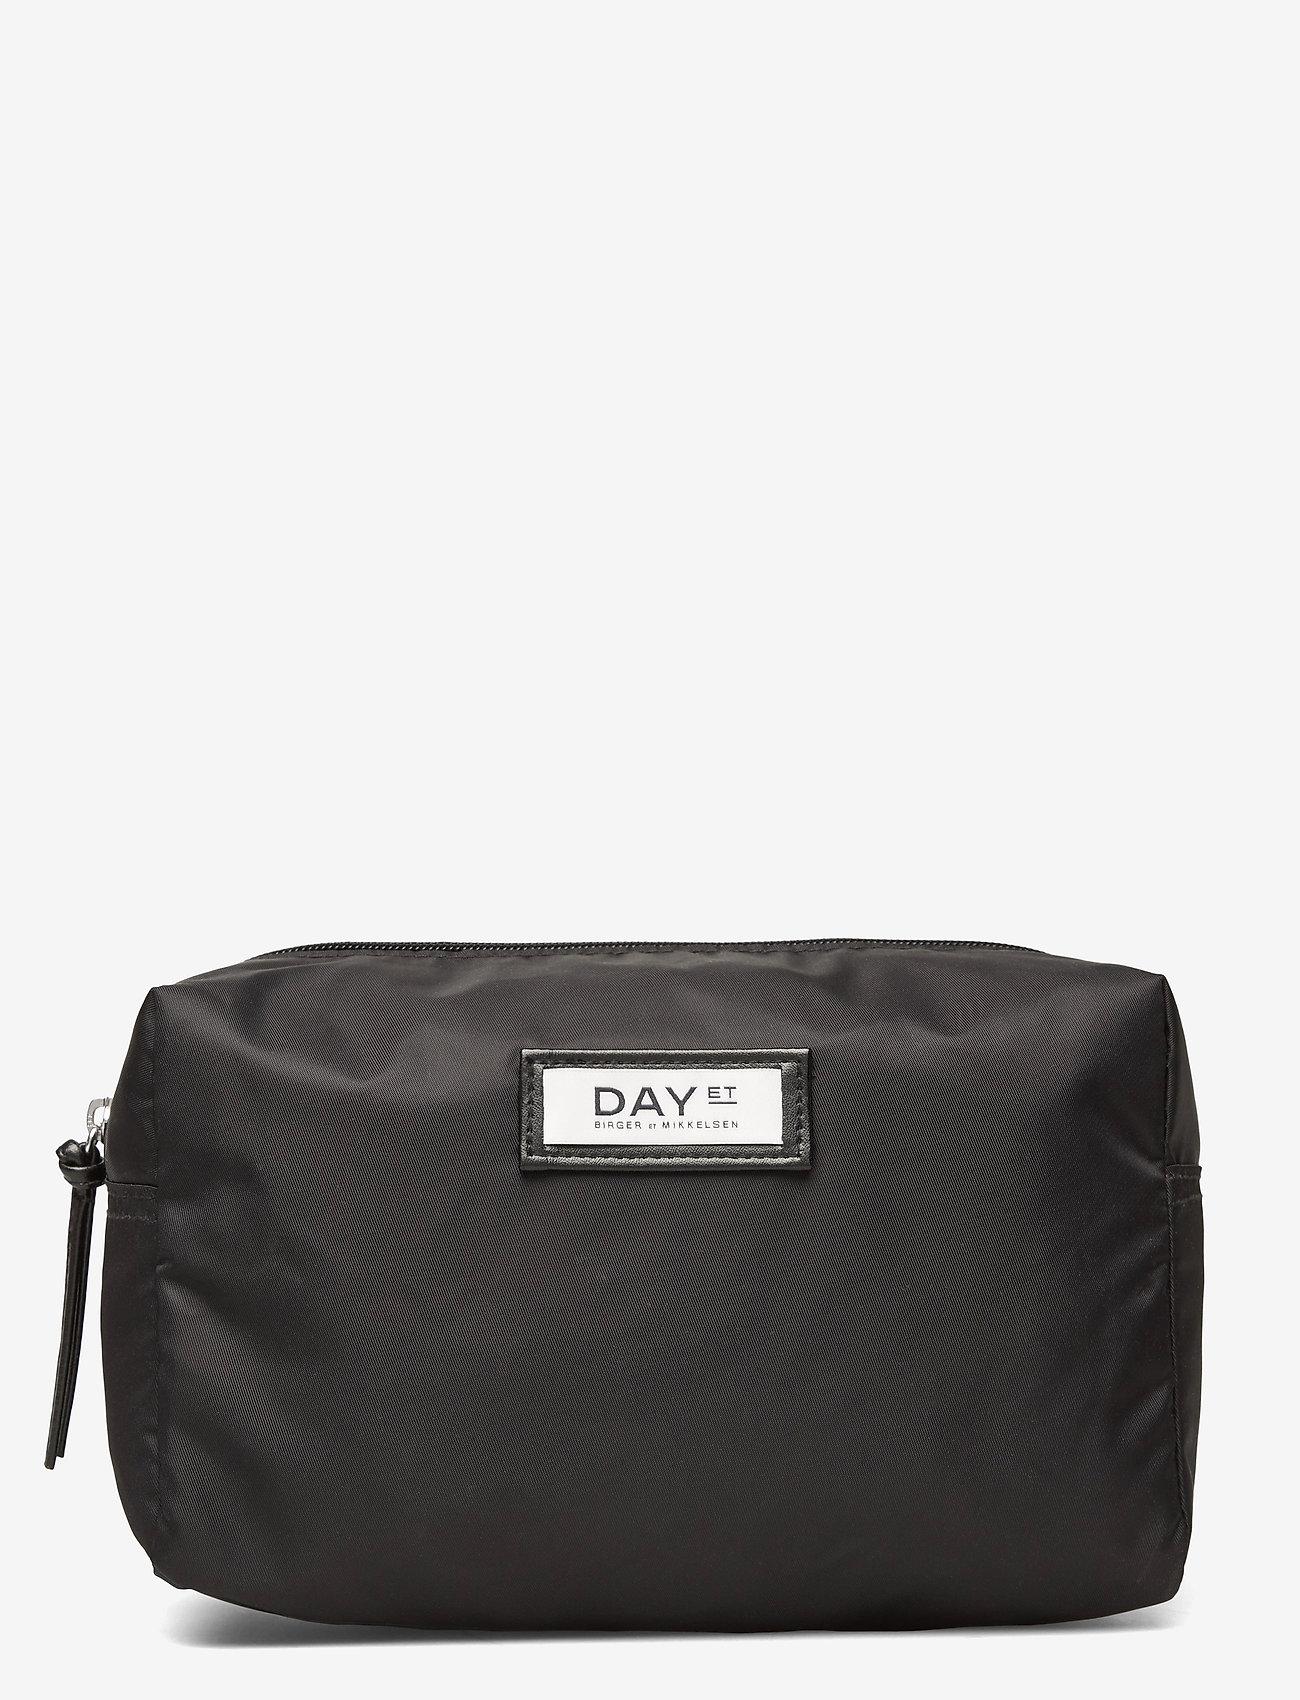 DAY et - Day Gweneth Beauty - toilettassen - black - 0